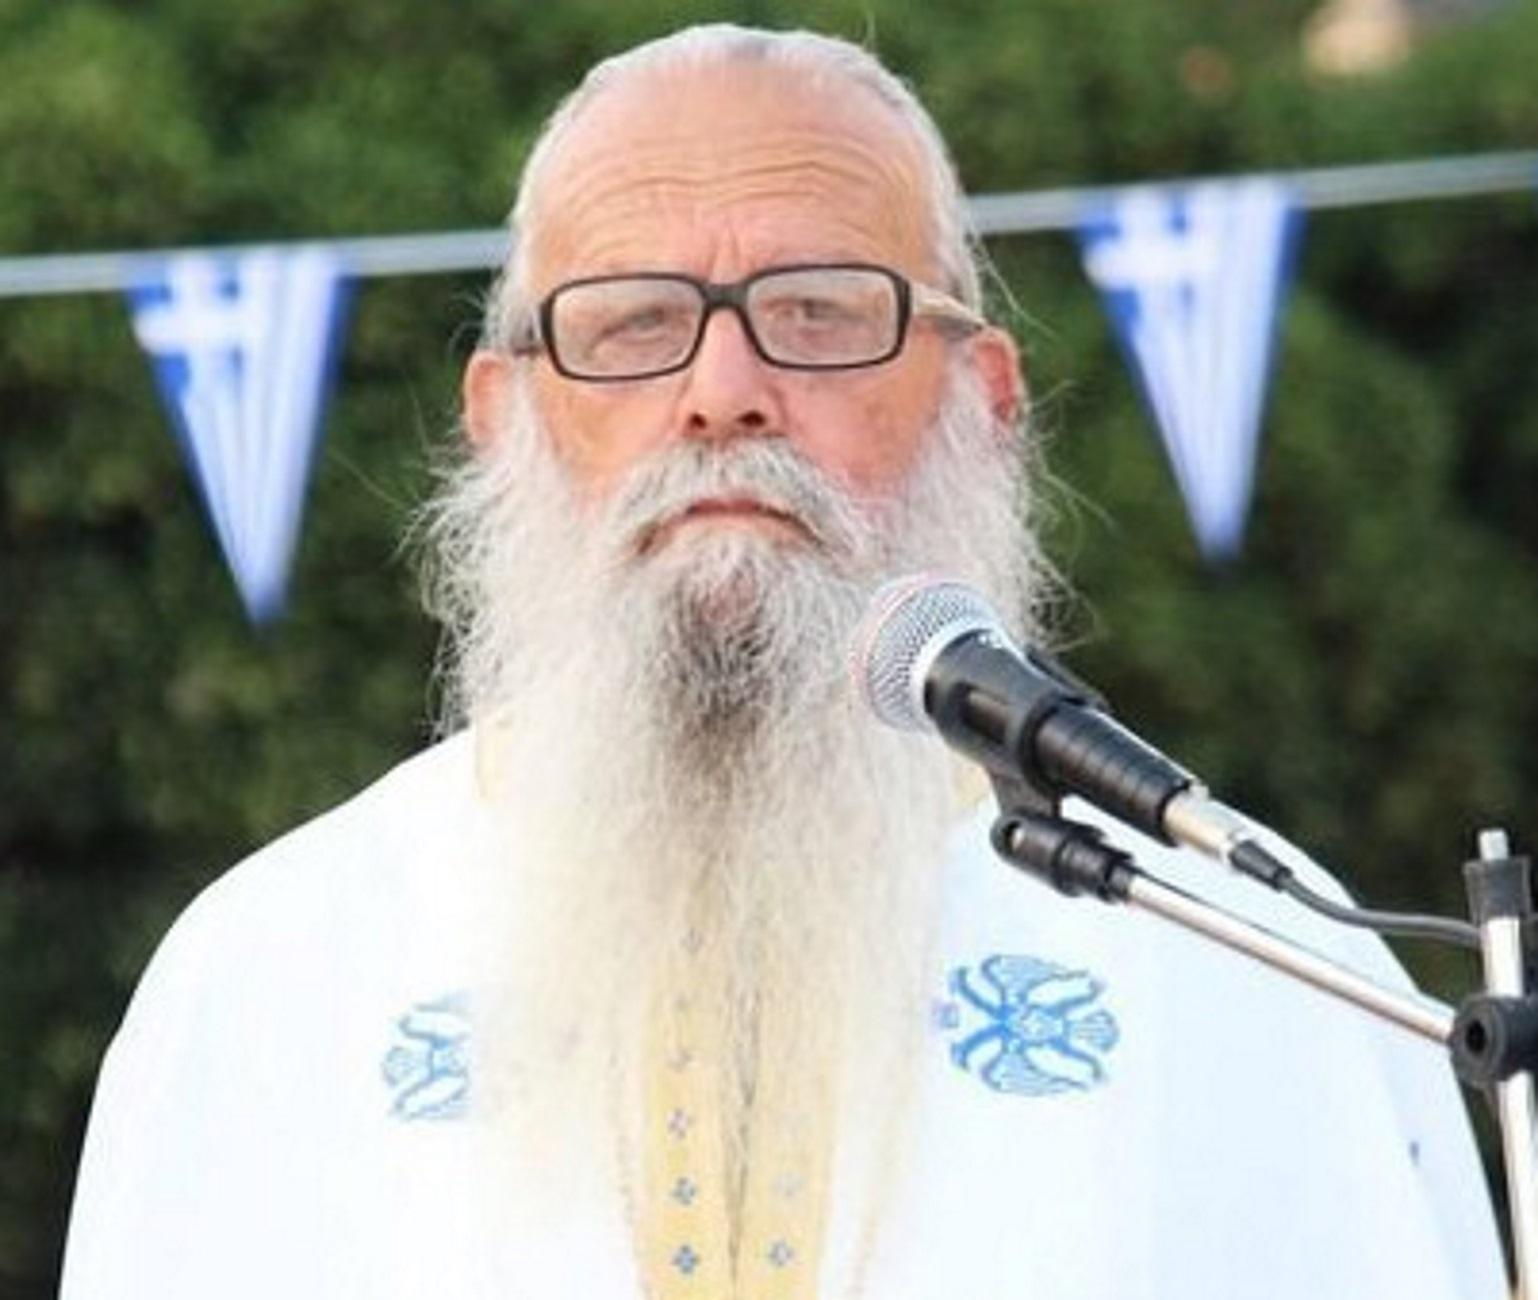 Οινούσσες: Πέθανε από κορονοϊό ο αρνητής ιερέας του νησιού – Σε κρίσιμη κατάσταση η γυναίκα του